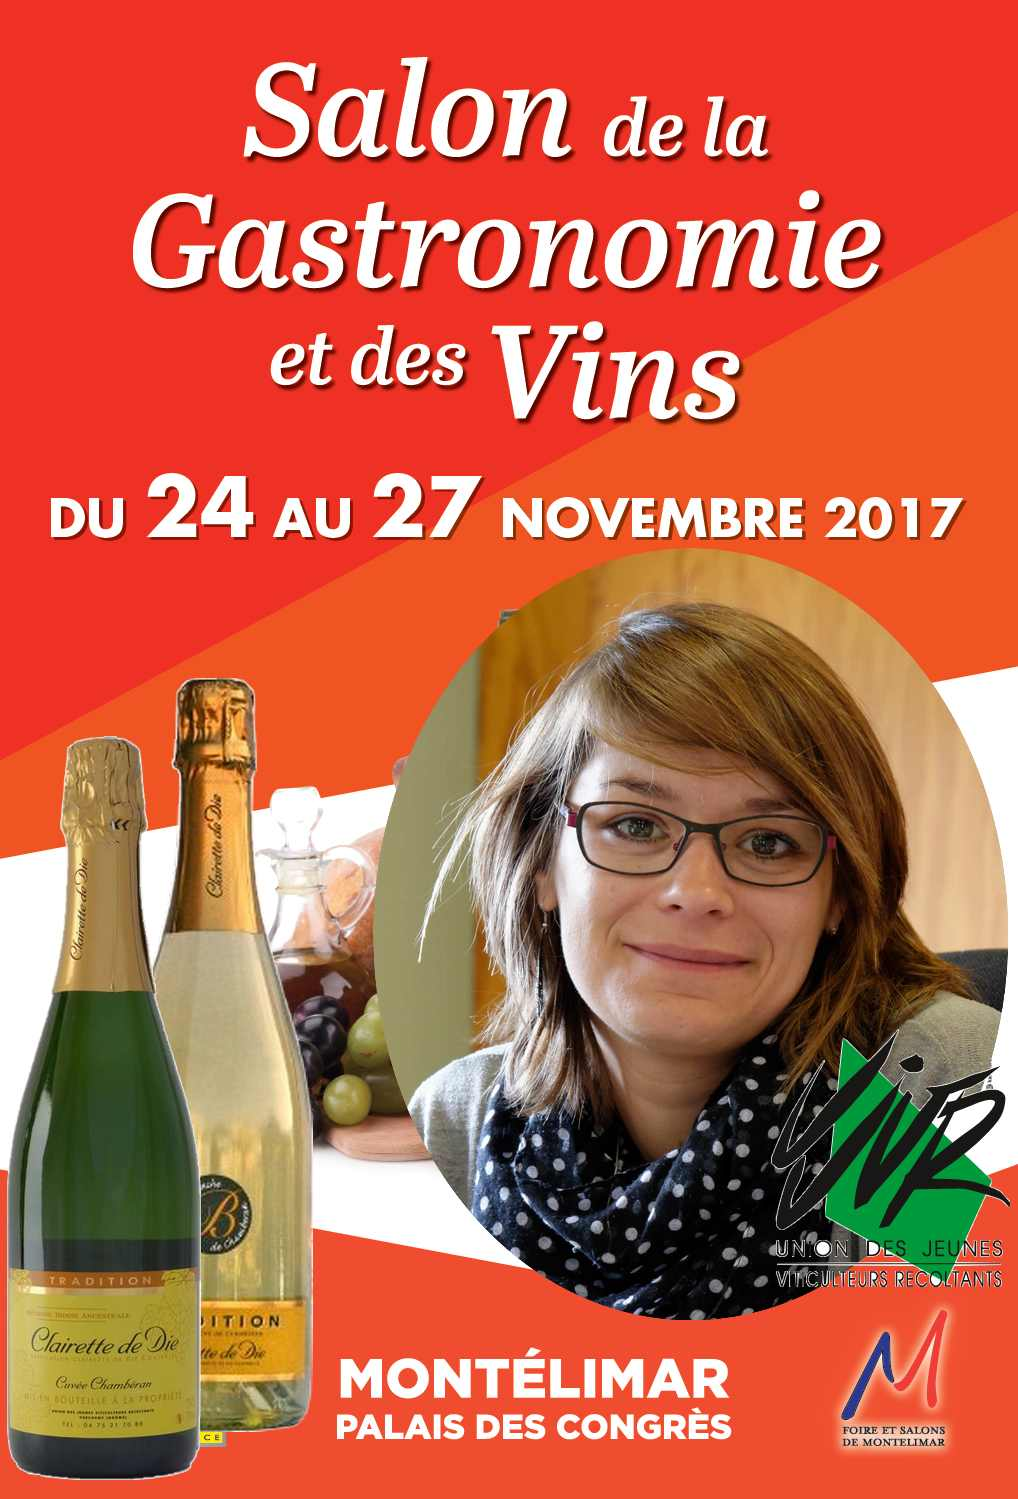 Salon de la Gastronomie et des Vins de Montélimar